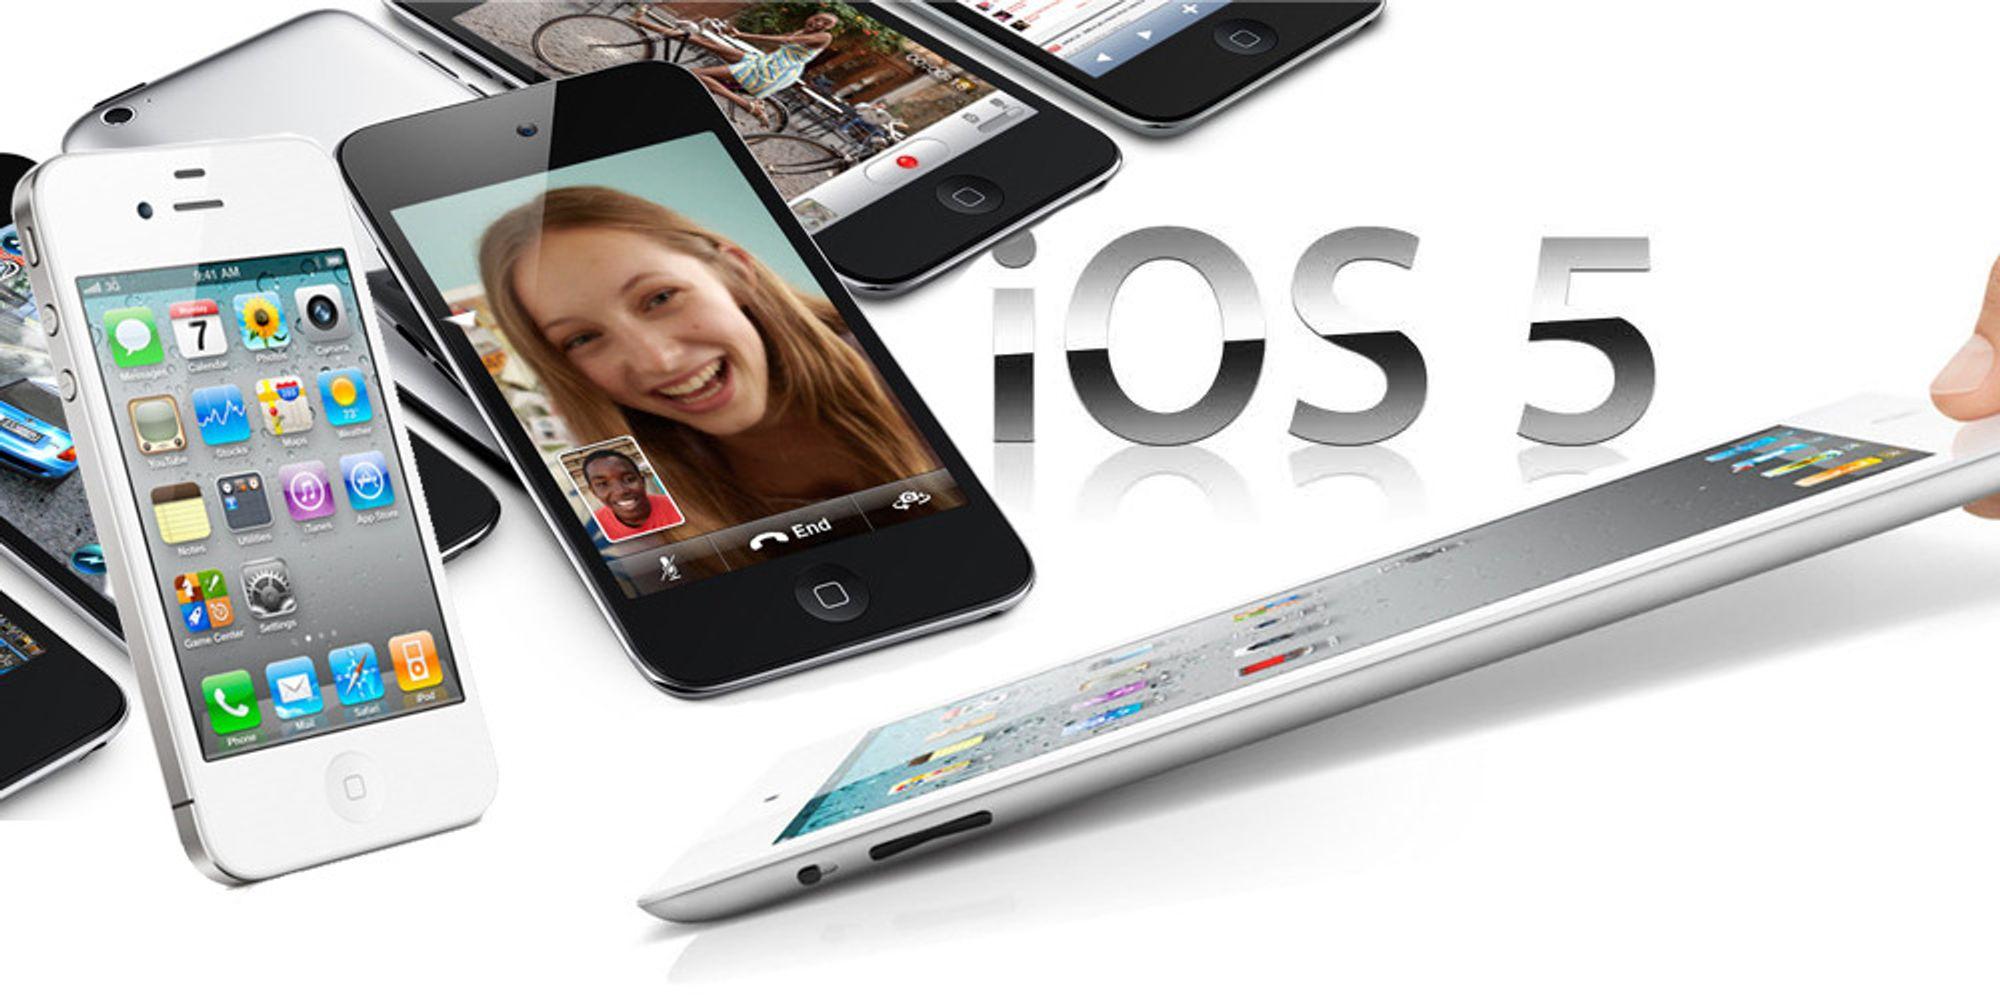 Ny beta av iOS5 ute